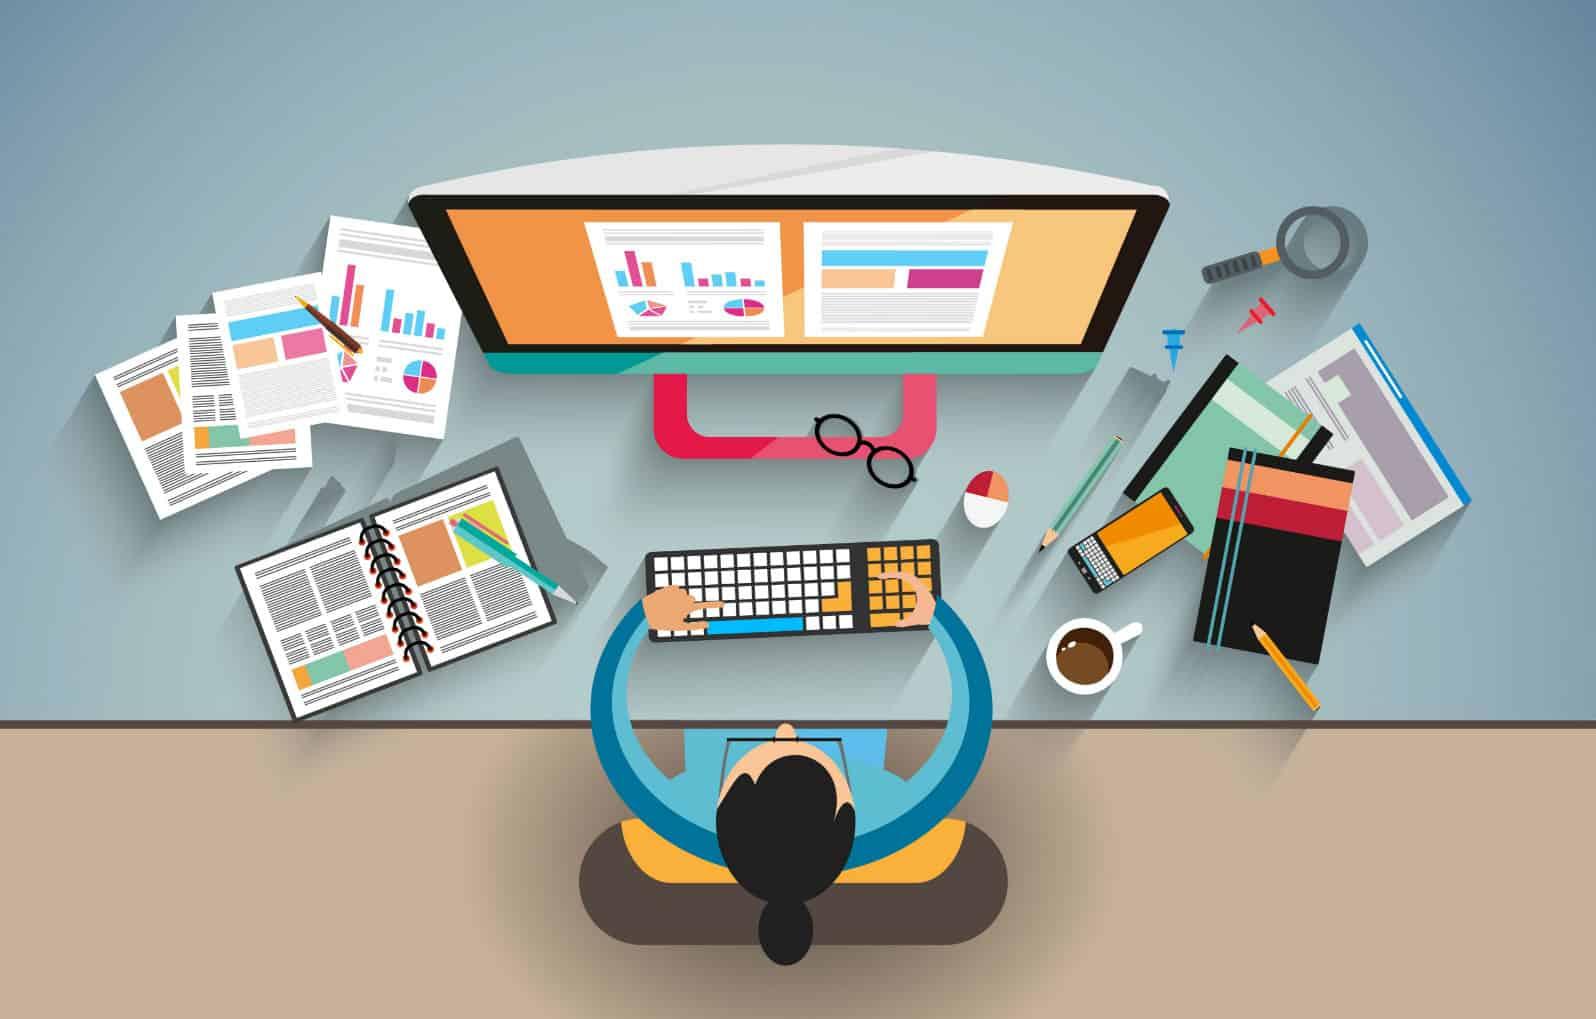 curso de diseño web gratis